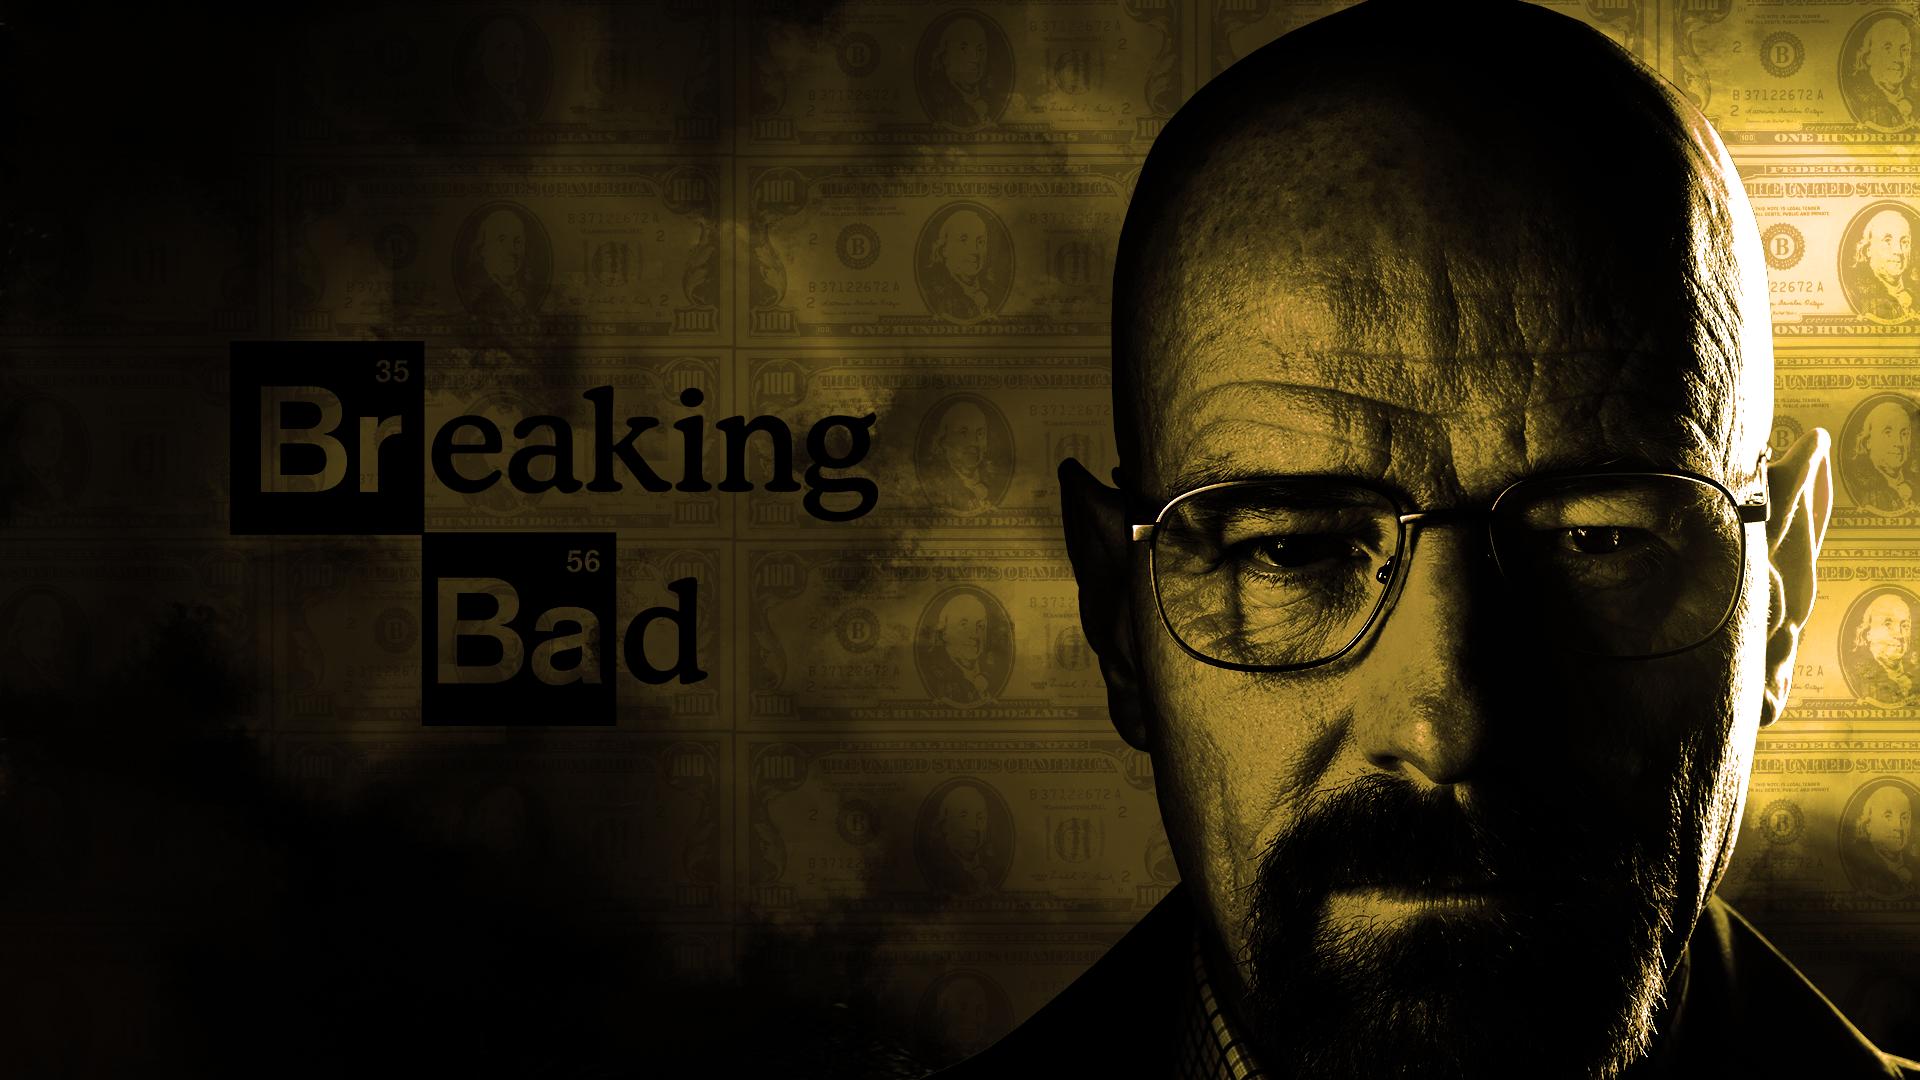 Breaking Bad Wallpaper 1080p Wallpapersafari